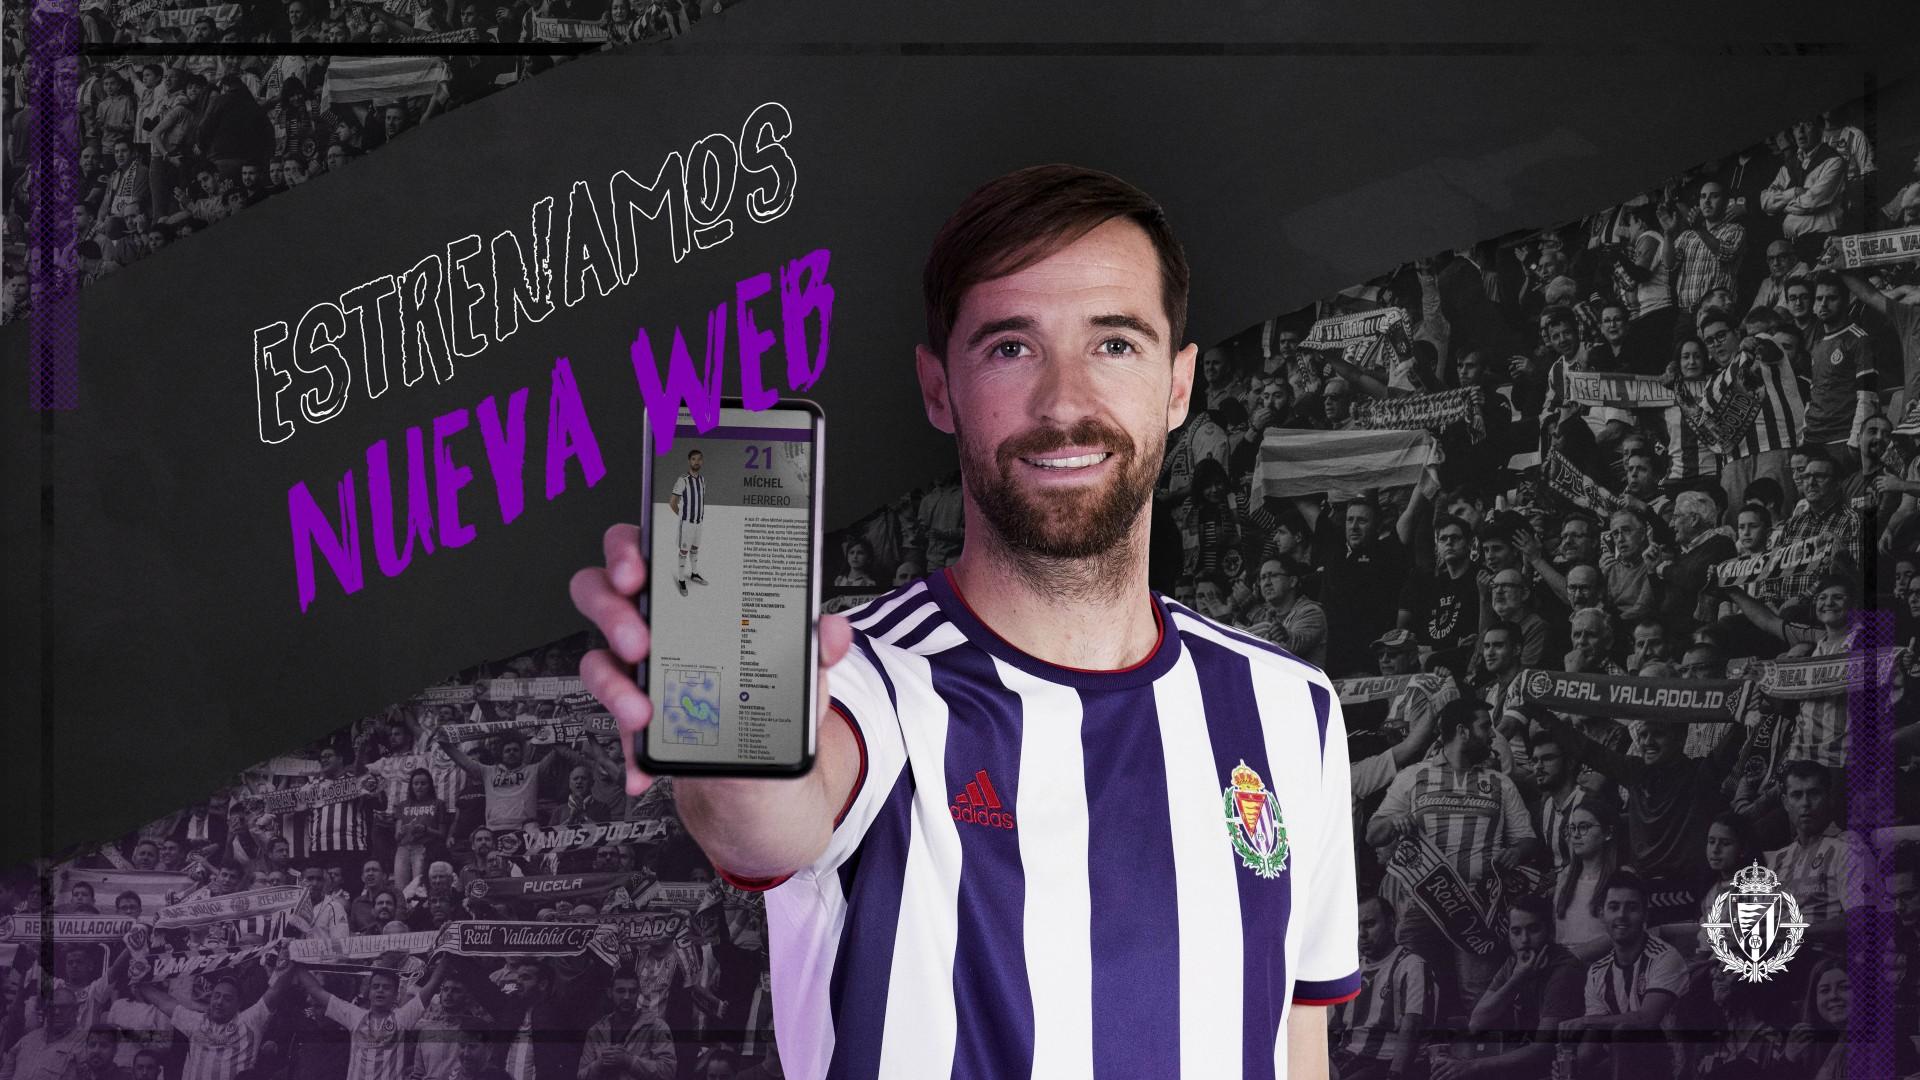 El Real Valladolid estrena nuevo diseño de su página web 1920x1080c-21110711twitter-y-web